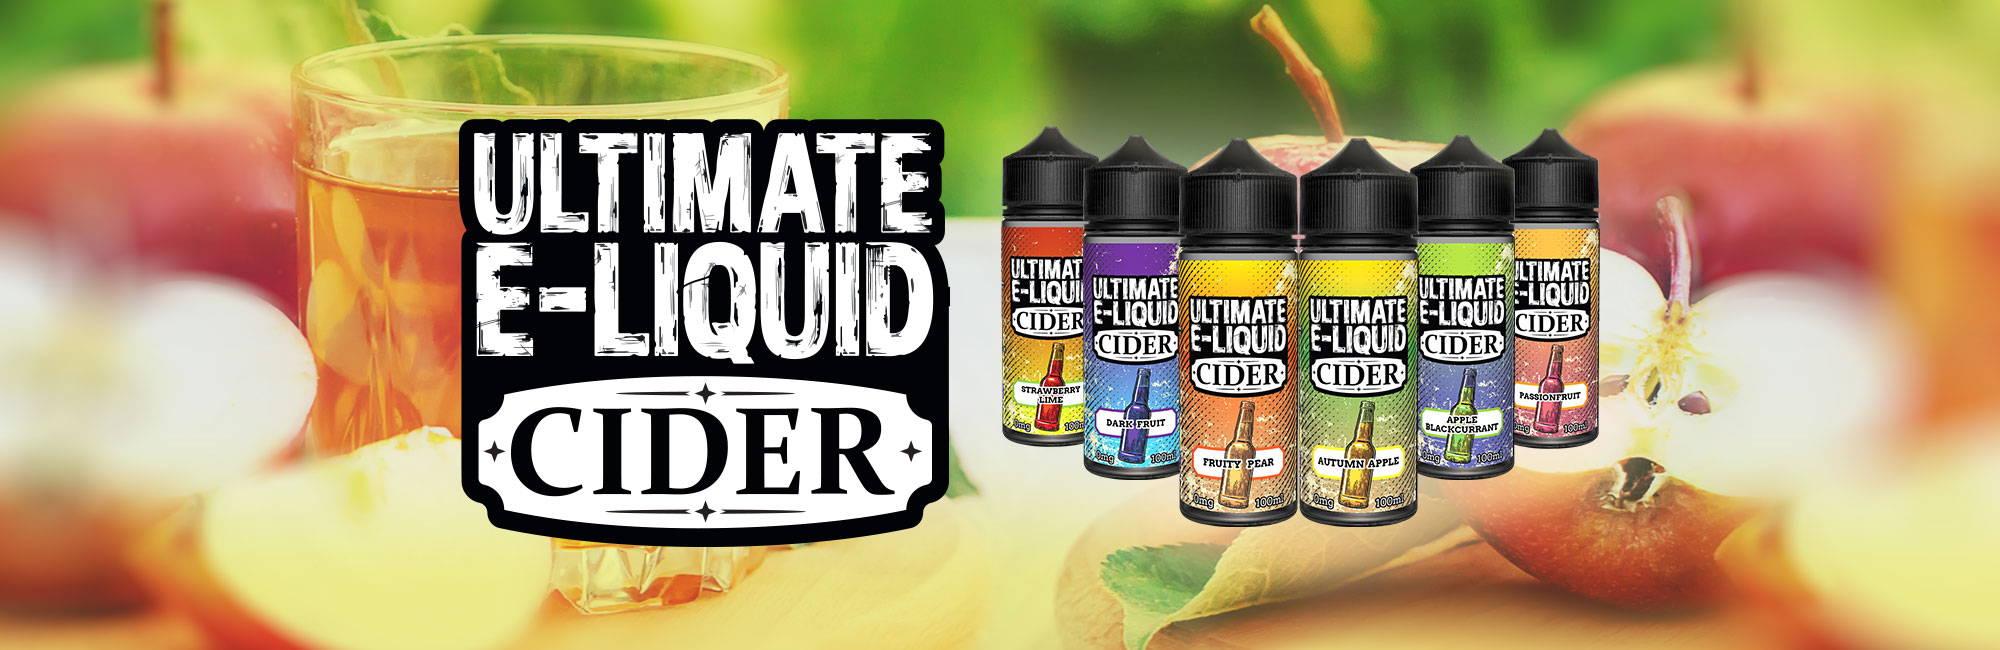 Ultimate eLiquid Cider UK